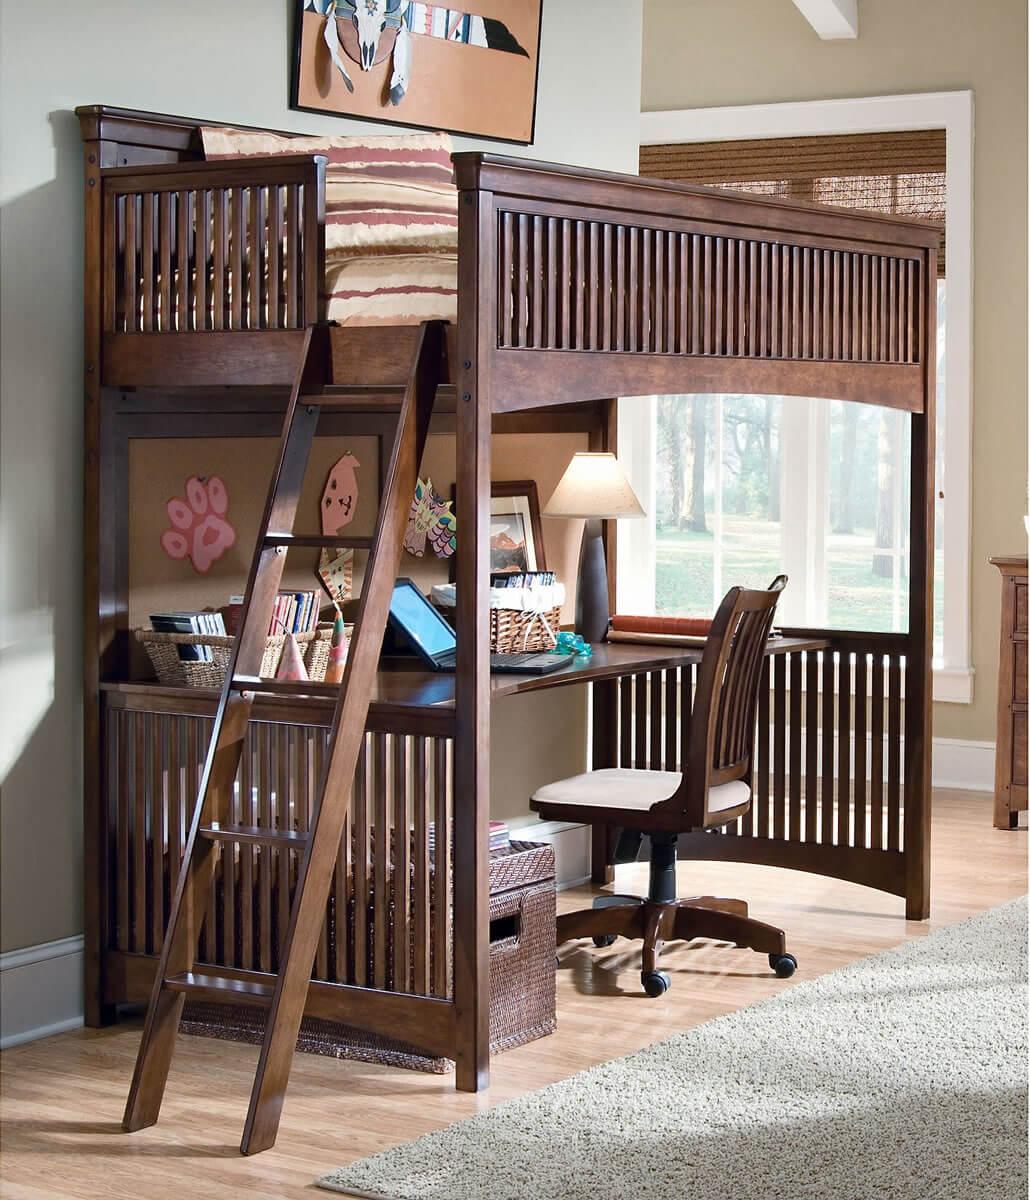 Рабочий стол с кроватью в детской